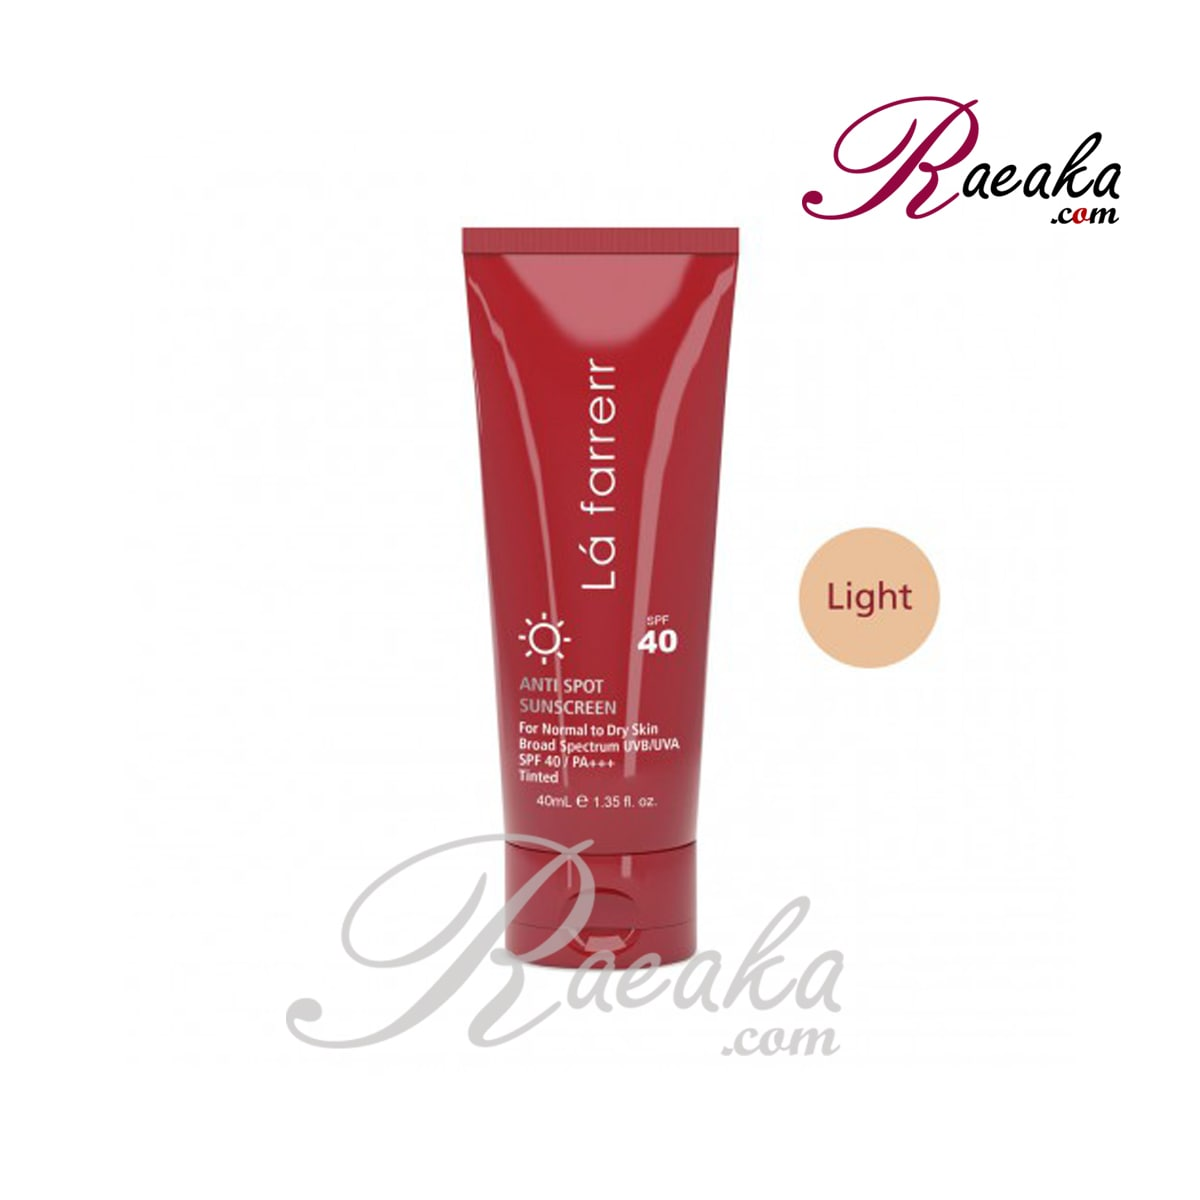 کرم ضد آفتاب و ضد لک رنگی لافارر SPF40 مخصوص پوست های خشک و معمولی رنگ روشن حجم 40 میلی لیتر